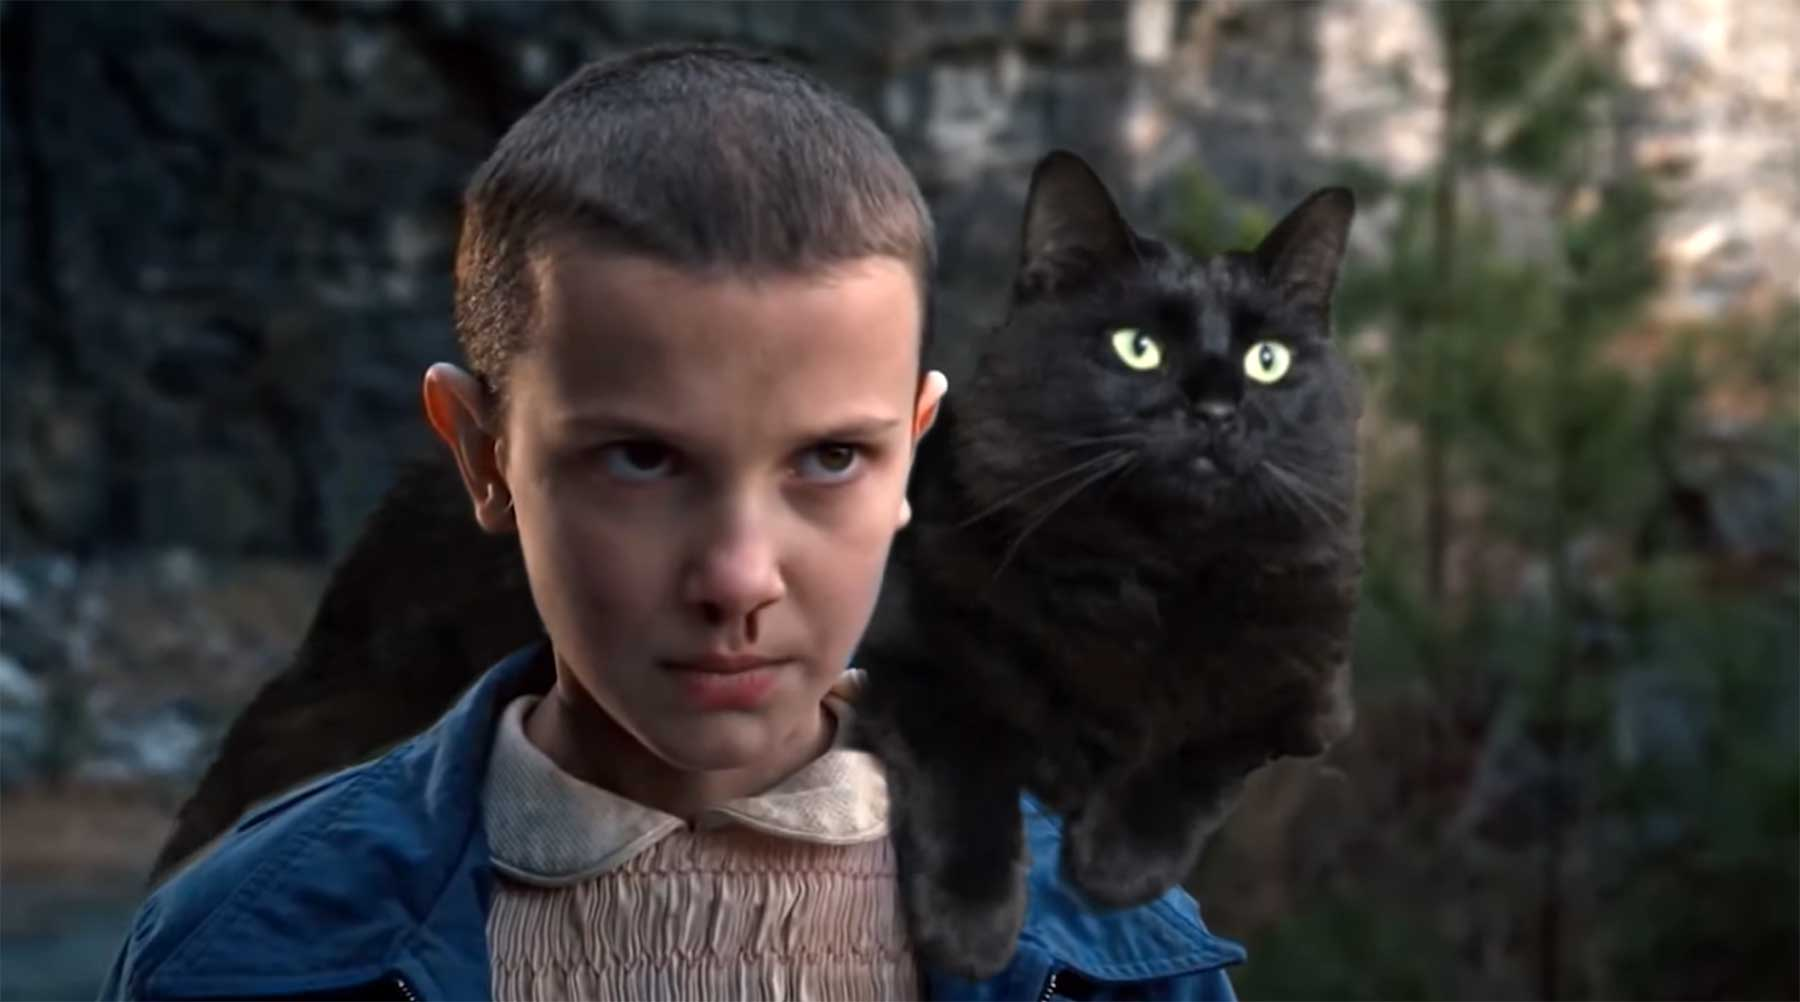 OwlKitty packt seine Katze in Serien, Filme und Musikvideos owlkitty